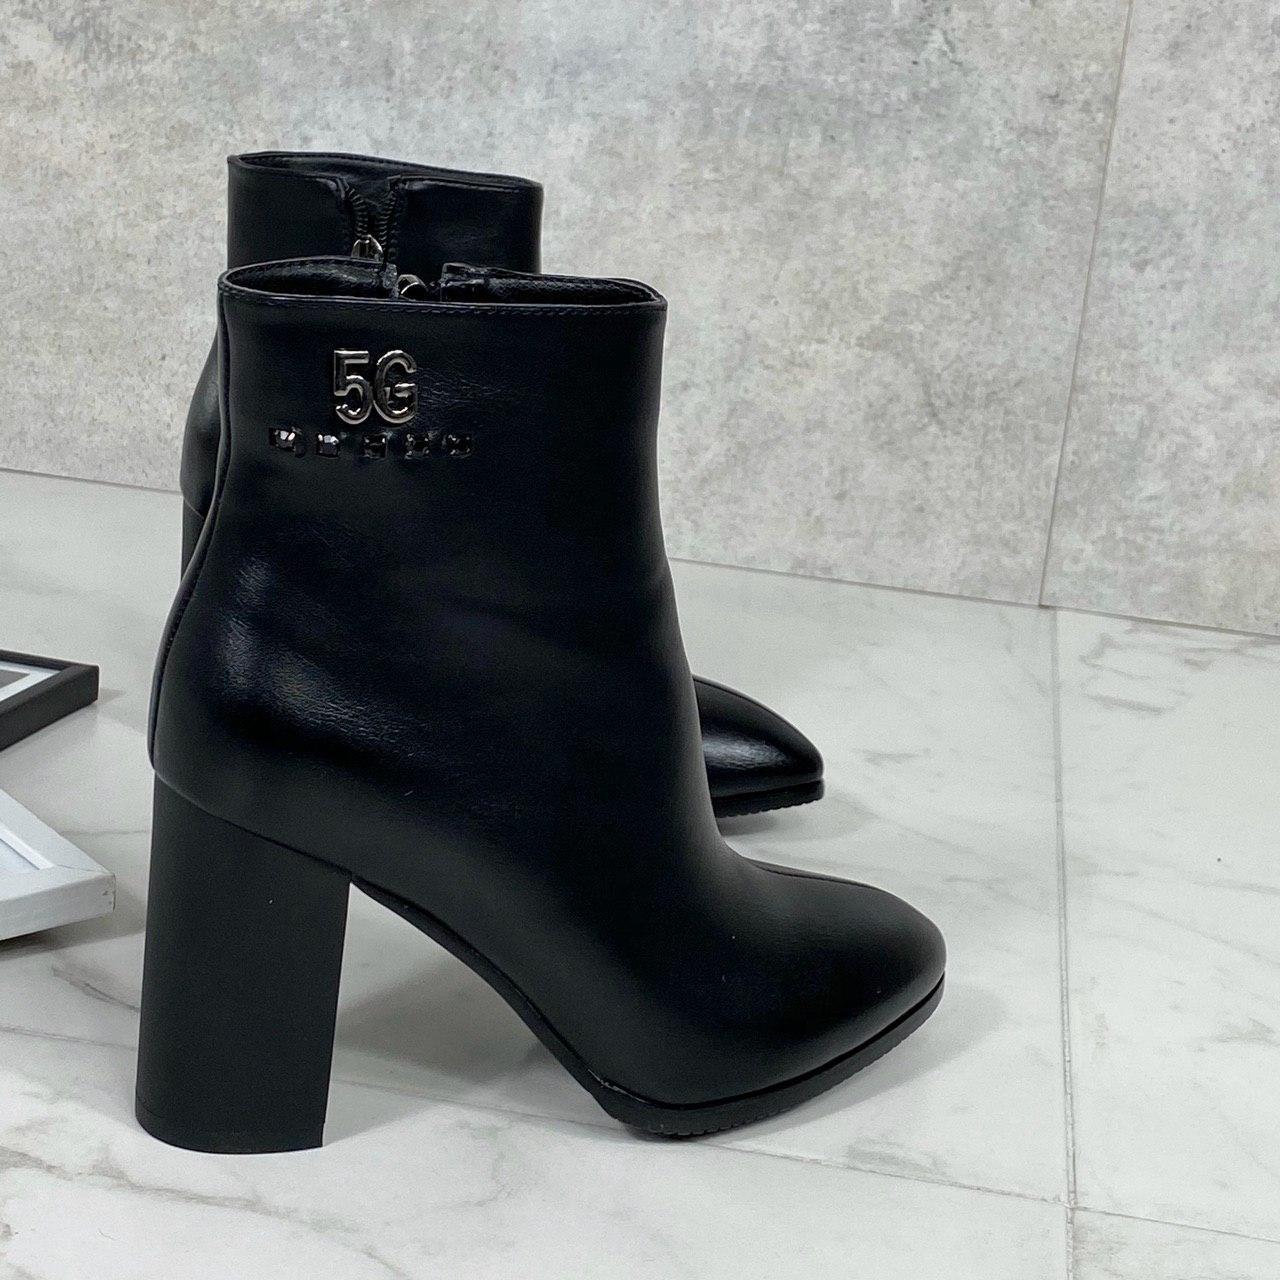 Женские ДЕМИ ботильоны черные на каблуке 10 см эко-кожа